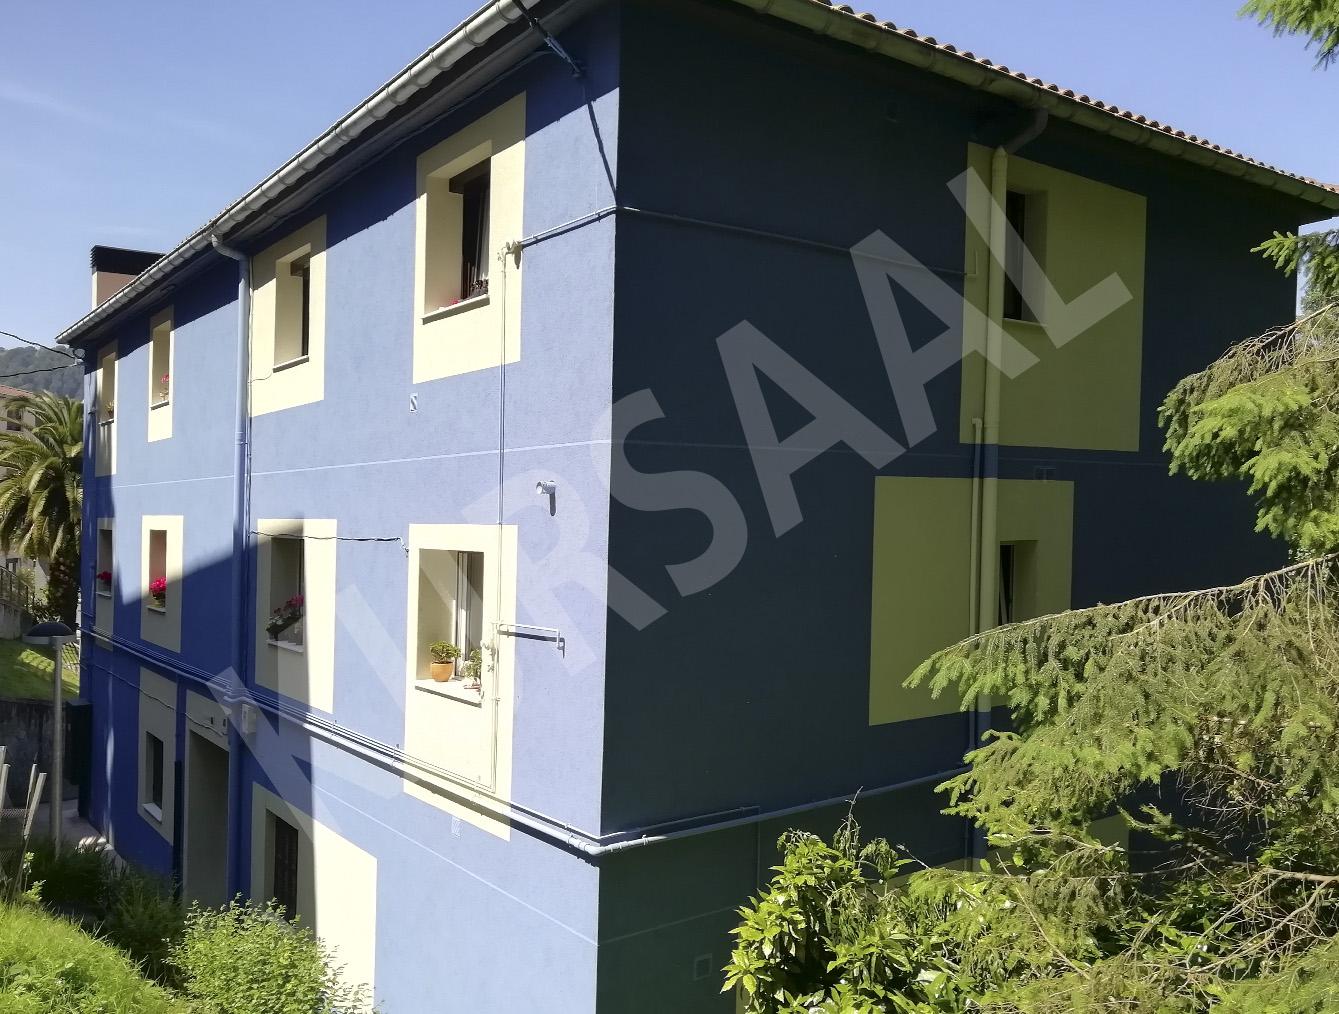 foto 4 - Aislamientos Térmicos y Eficiencia Energética-Casares 66-PASAIA, GIPUZKOA